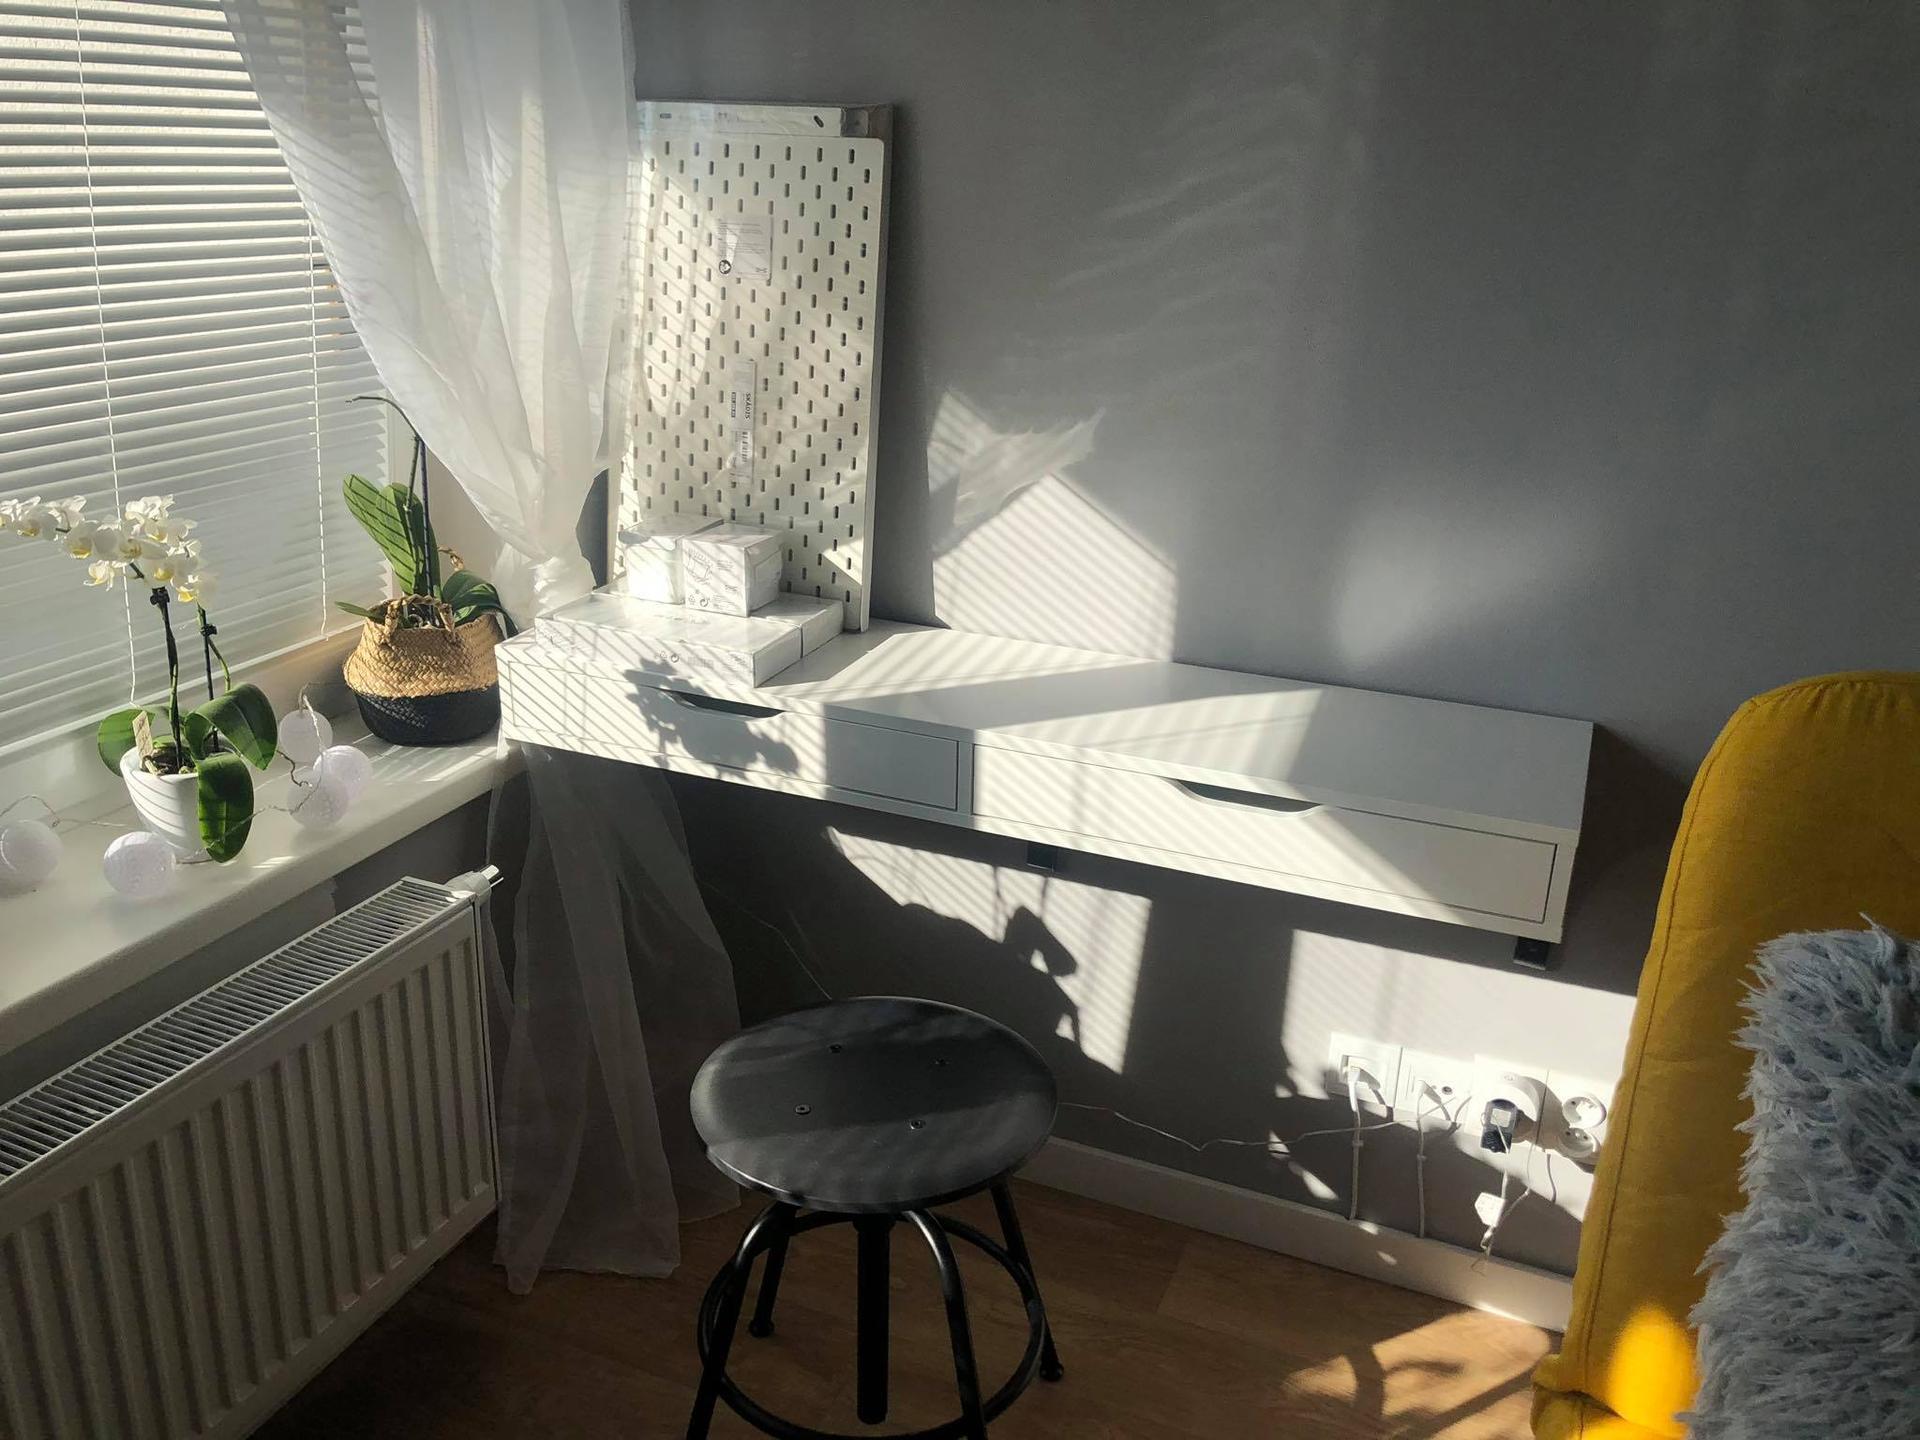 Zdravím všechny, prosím o radu :) jaké světlo máte u kosmetického stolku..budu ráda za typ aby vypadalo dobře a šlo se u něj líčit :) - Obrázek č. 1